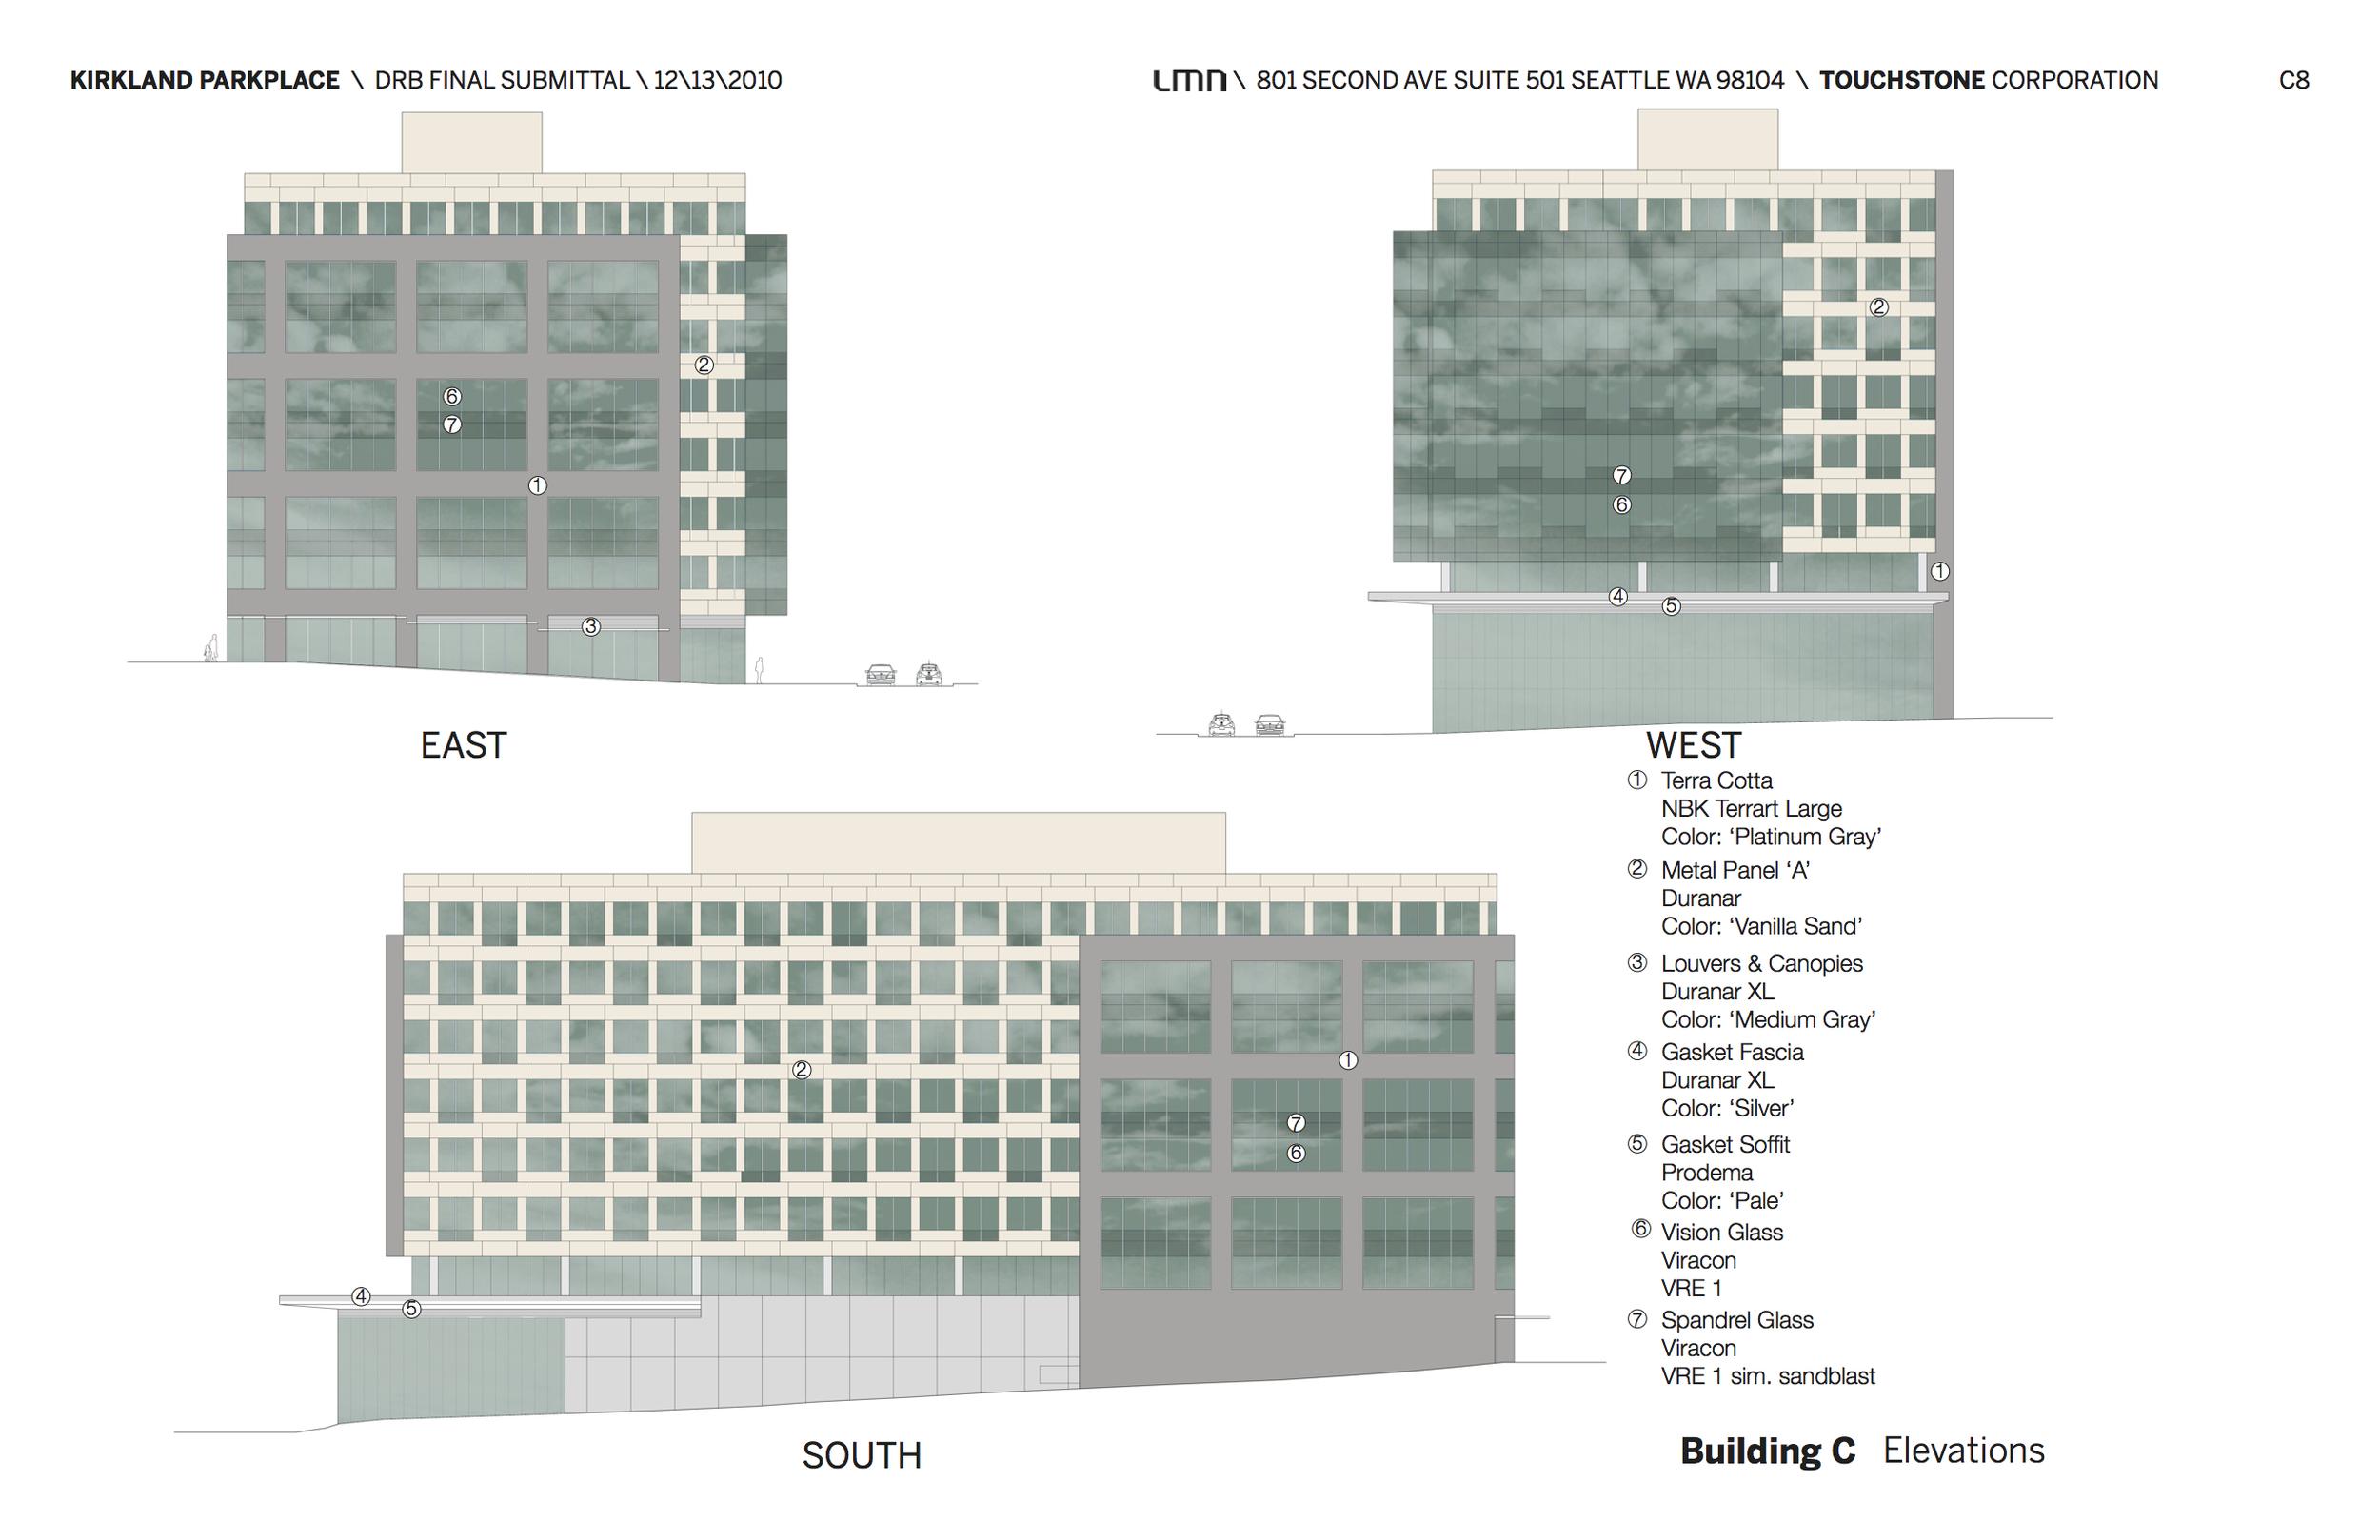 2011-01-10 FINAL DRB BOOKLET 61.jpg